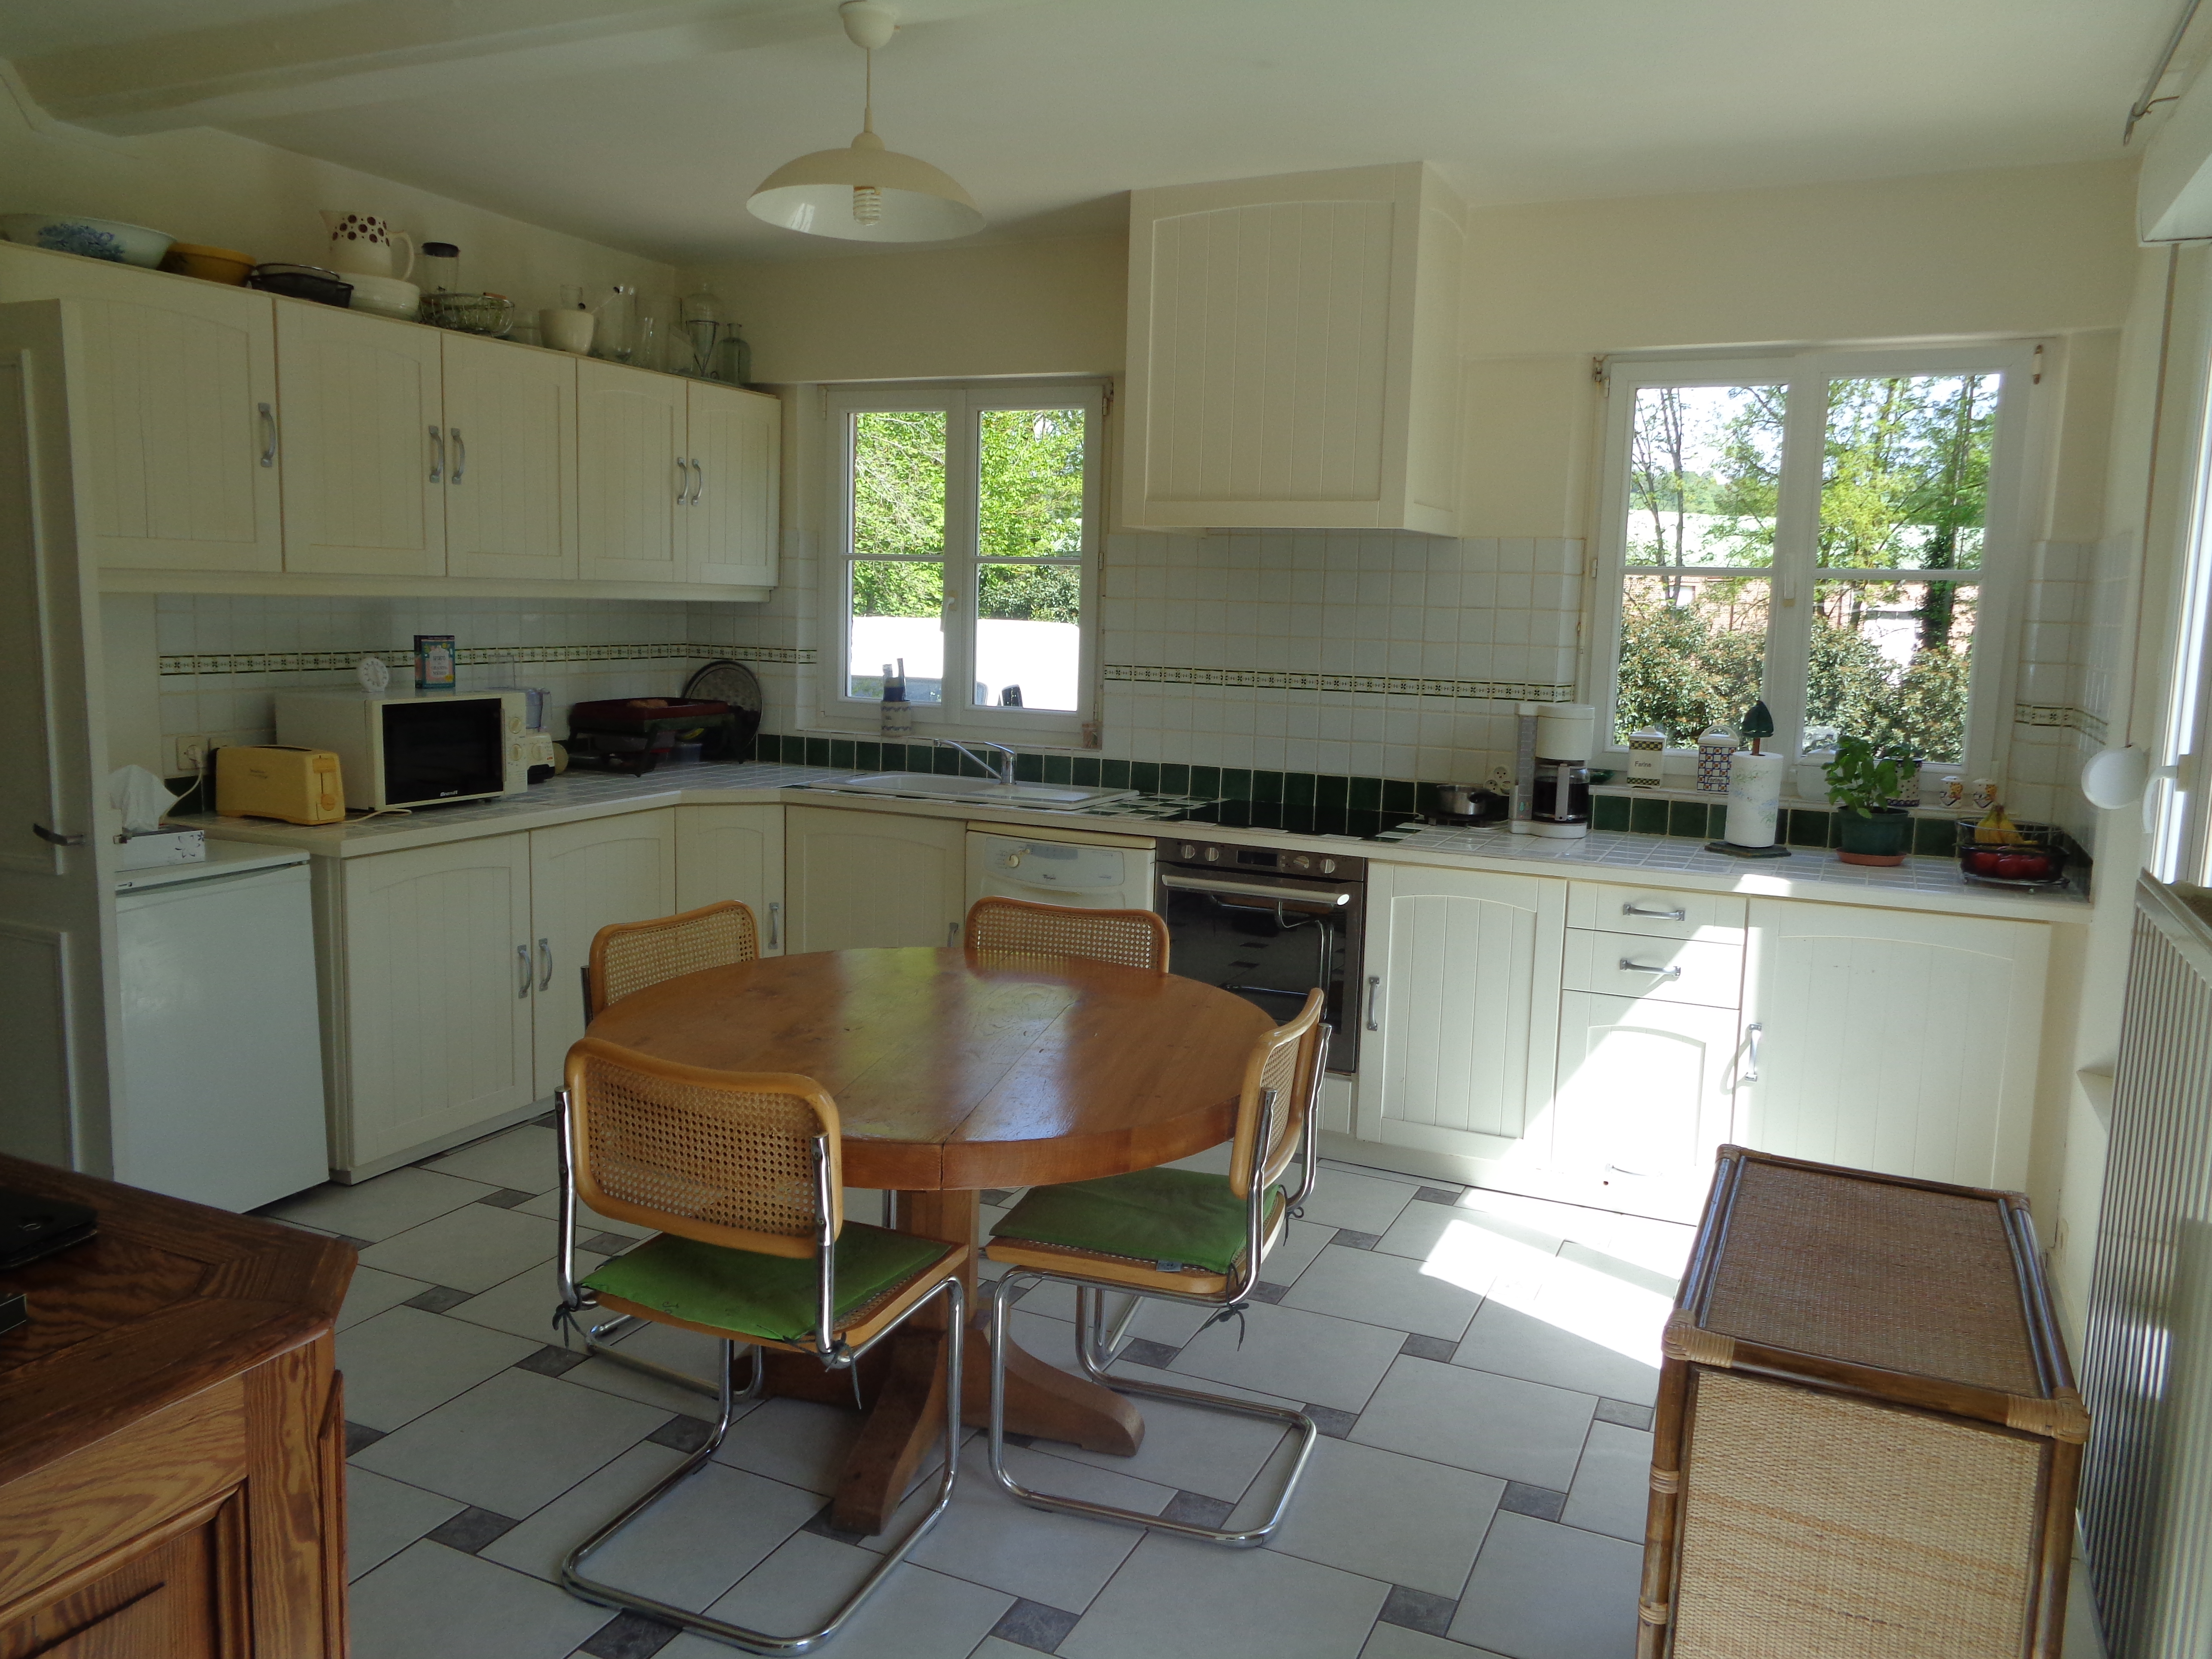 Maison bourgeoise de 280 m² habitable Louviers 27400 - Ventes et ...